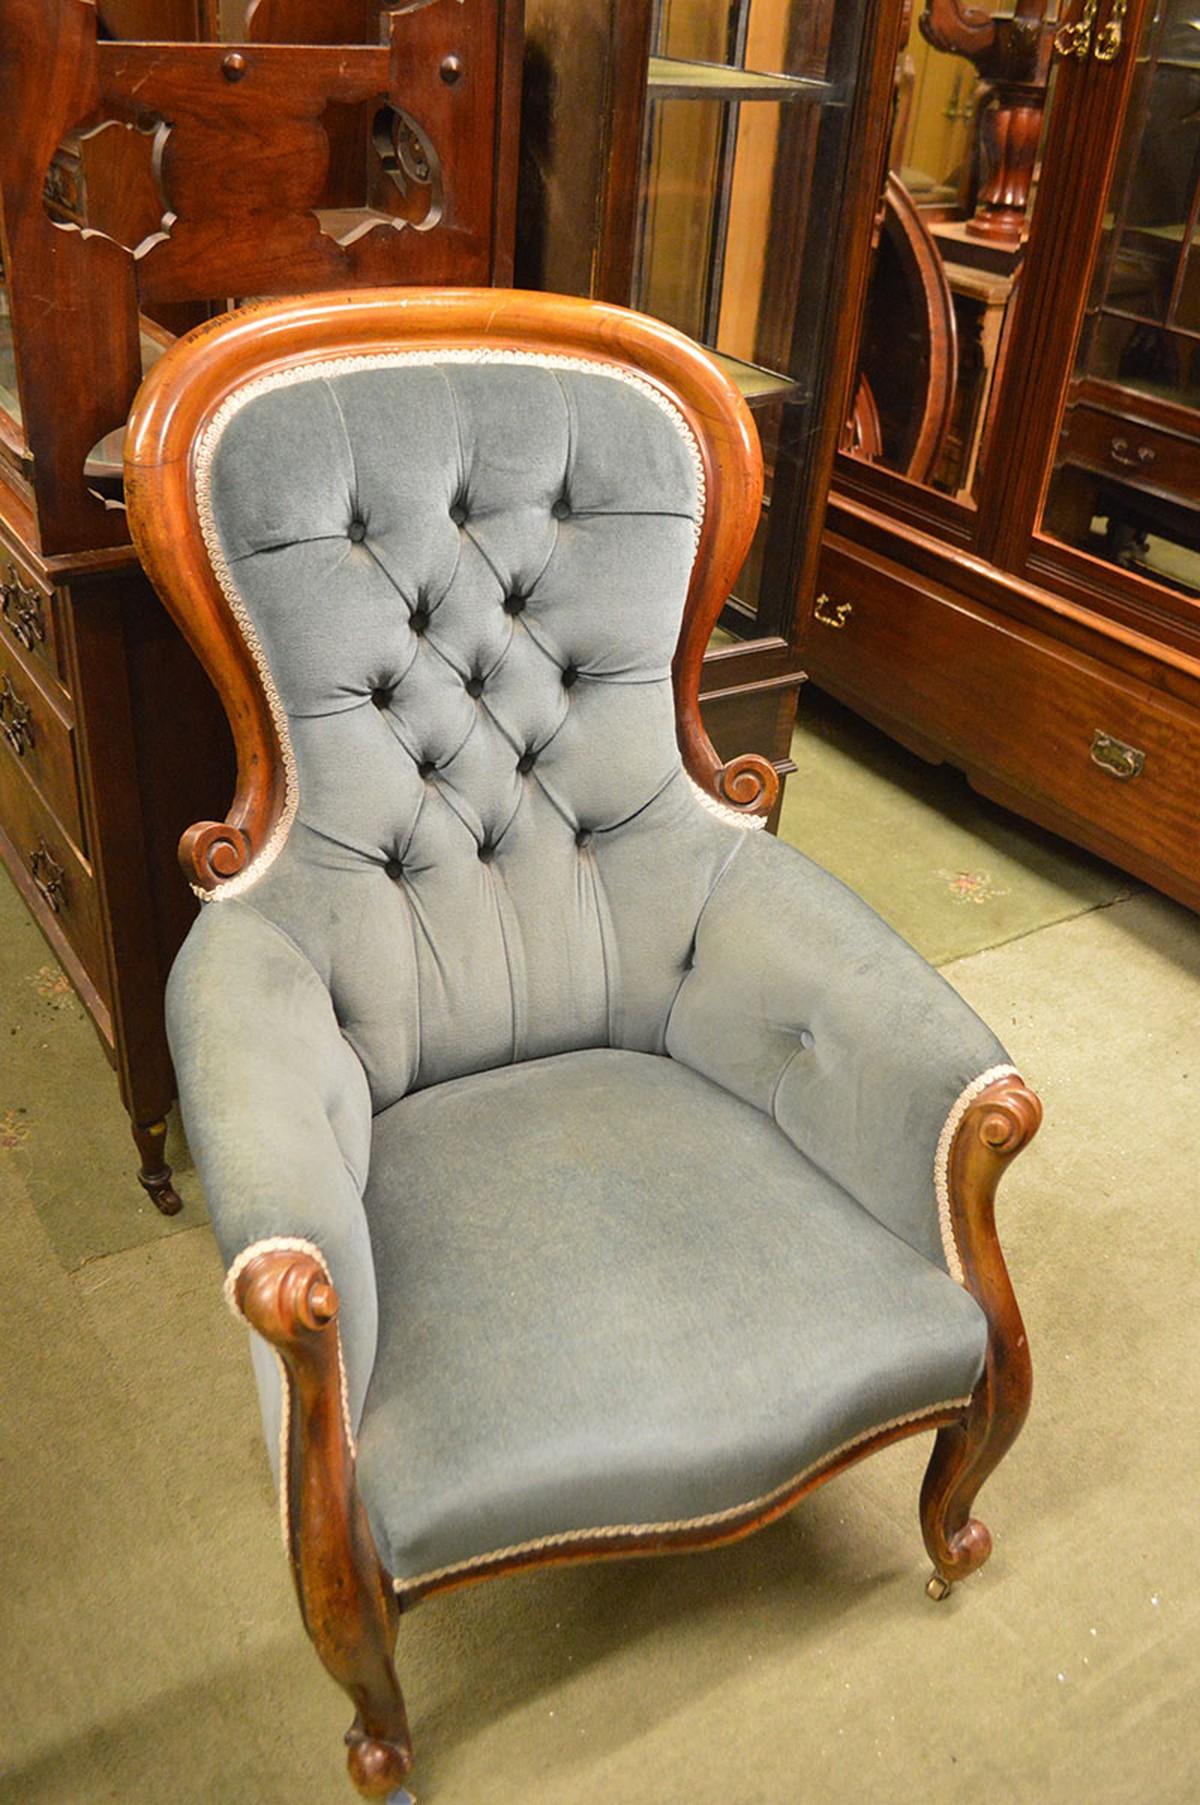 Antique slipper chair - 19th Century Victorian Cabriole Leg Spoon Back Slipper Chair